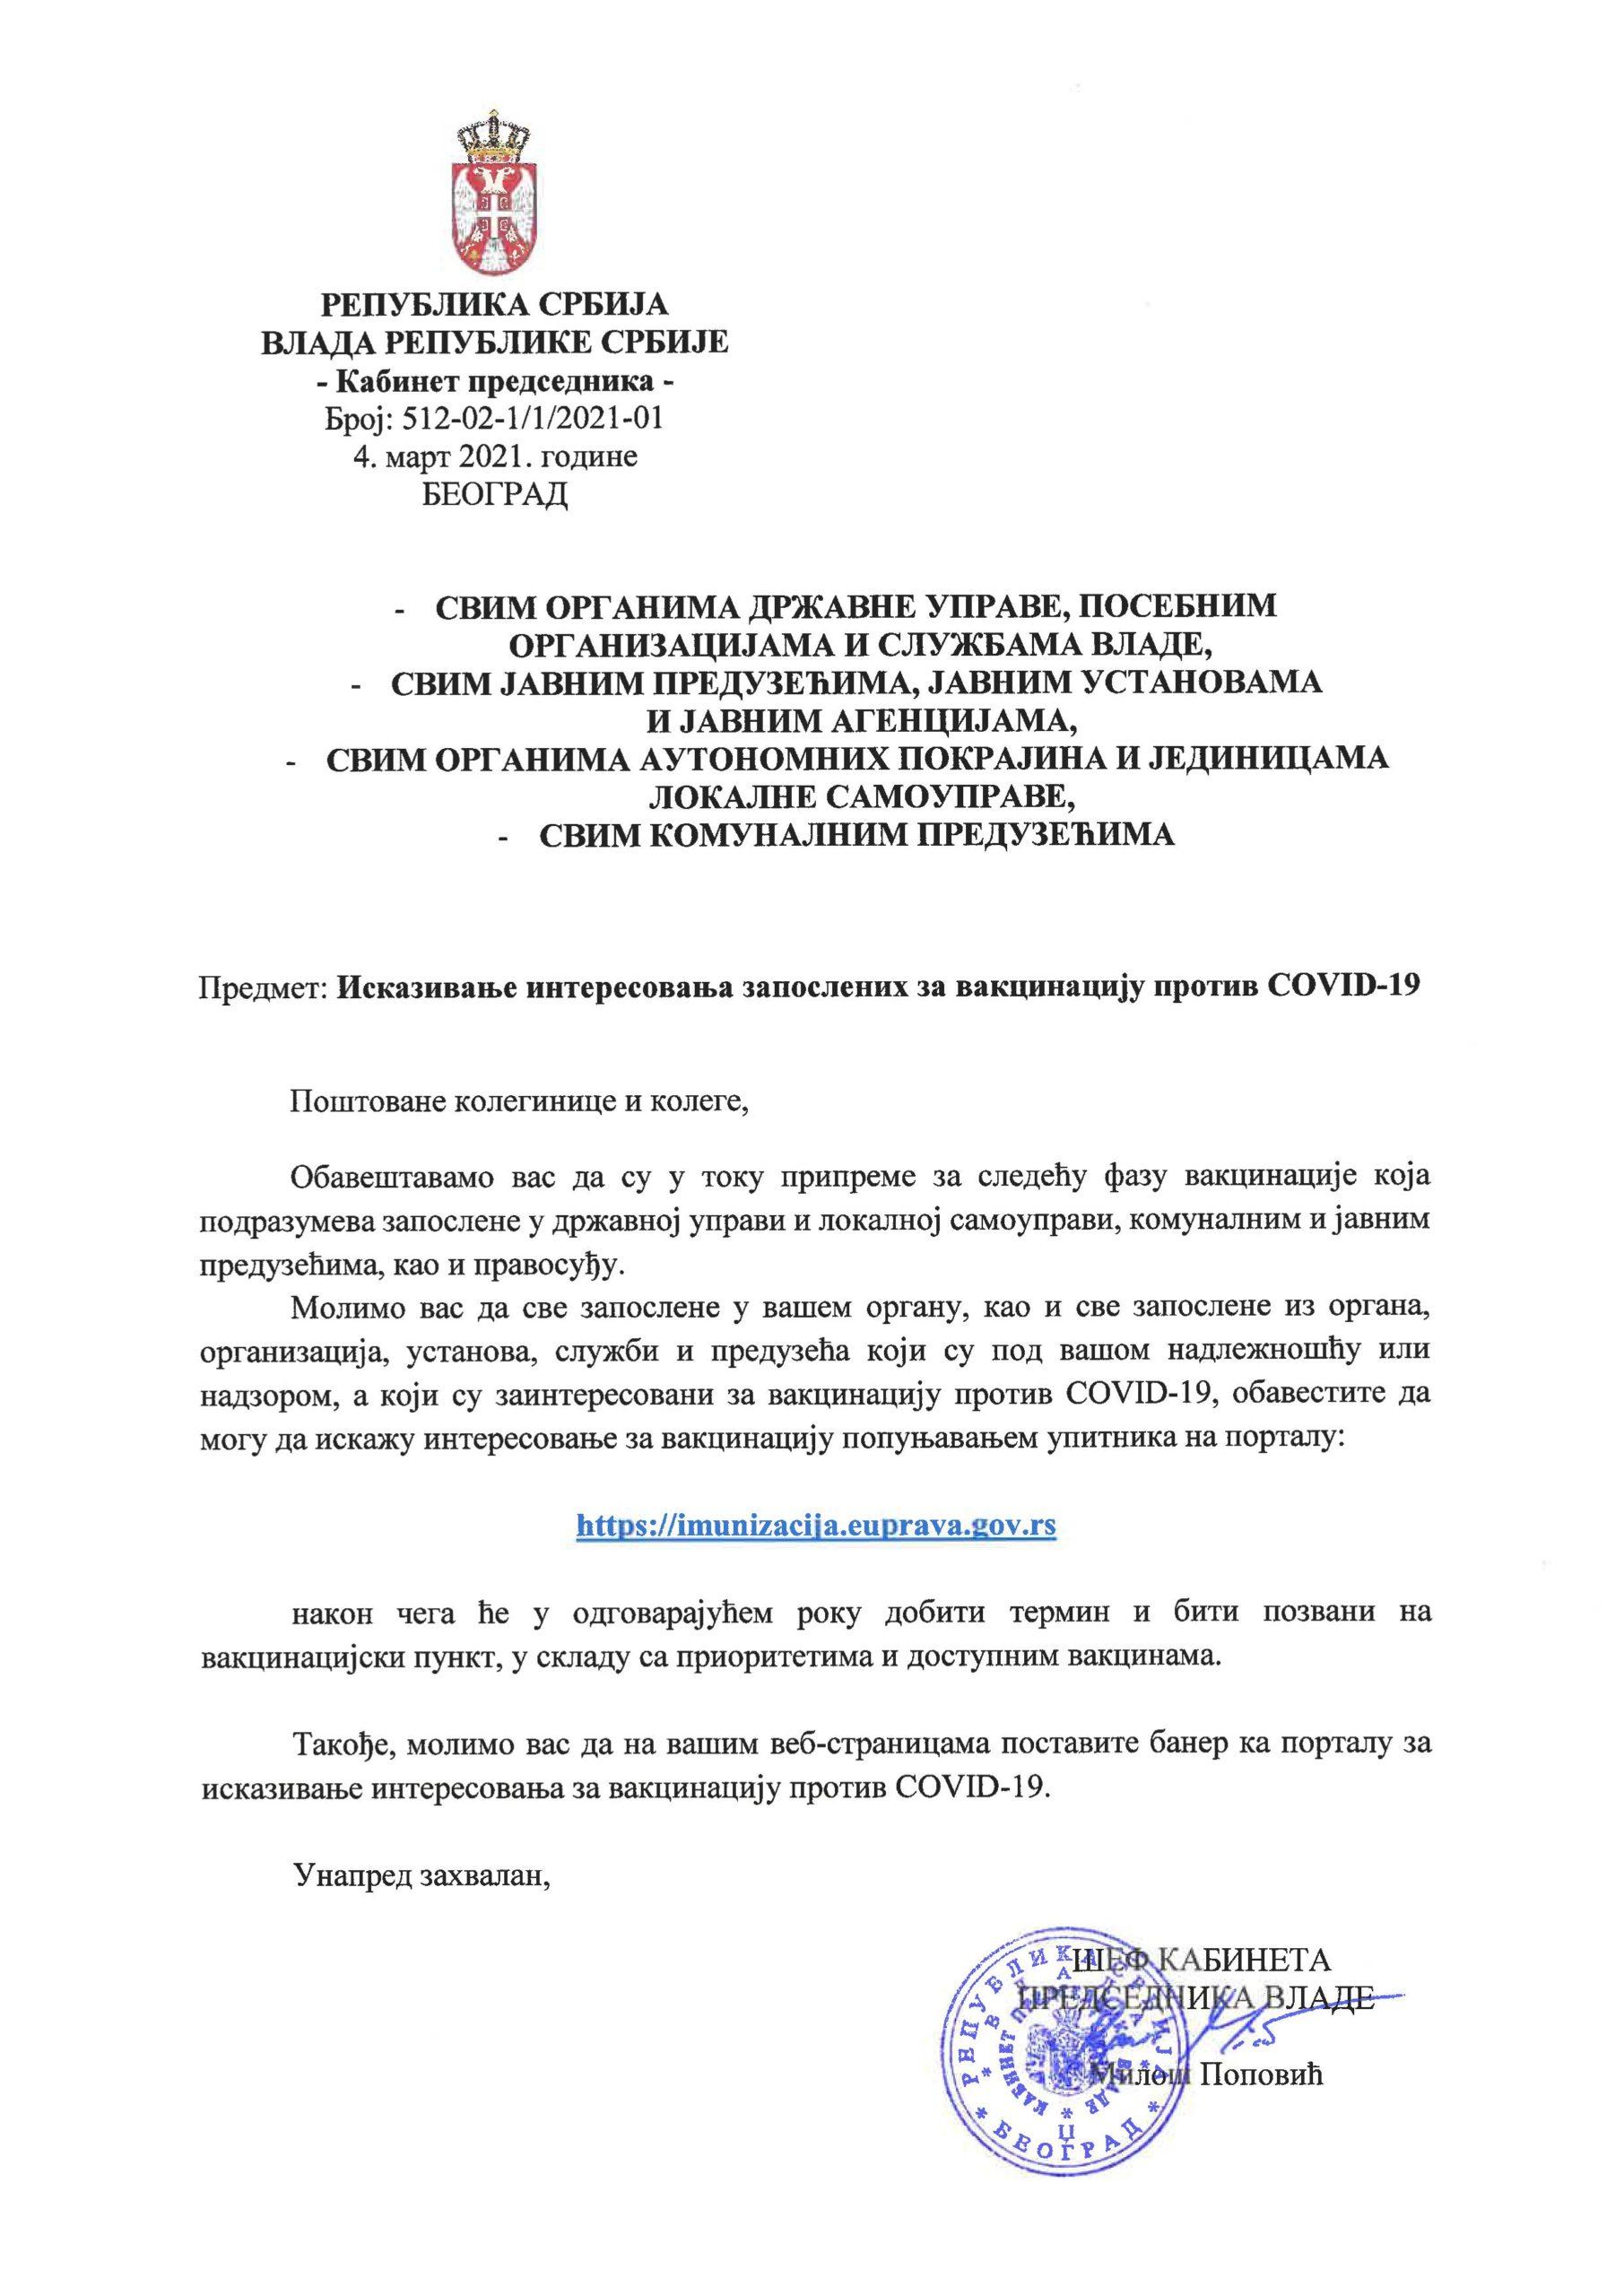 Исказивање интересовања за вакцинисање против COVID-2019